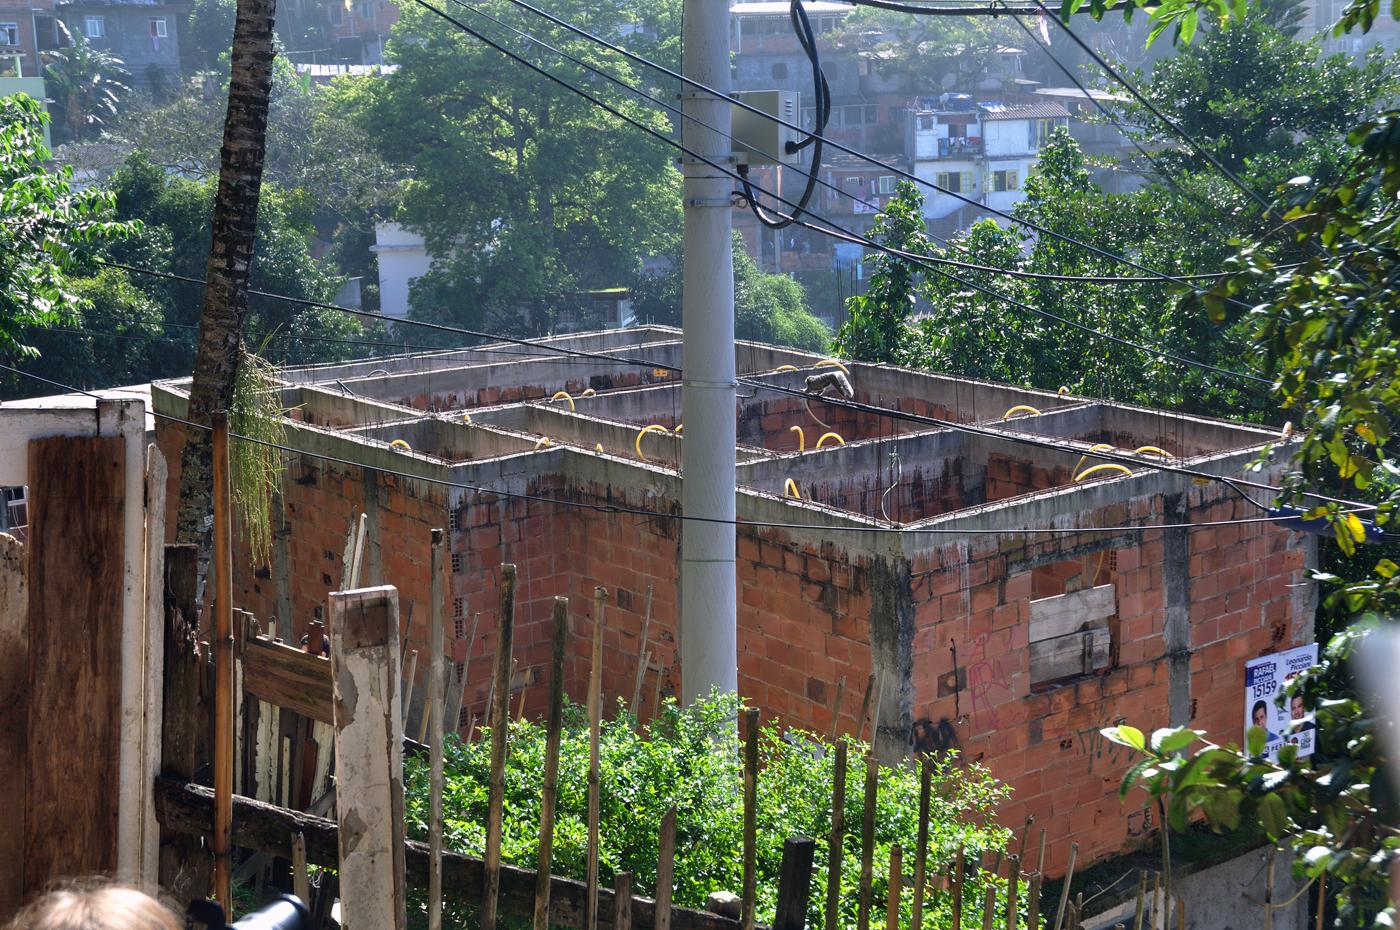 Die obersten Stockwerke mancher Bauten sind nur ein Rohbau. Darunter wird gewohnt. Wächst die Familie, wird das nächste Stockwerk komplettiert. (Bild: Andreas Lerg)